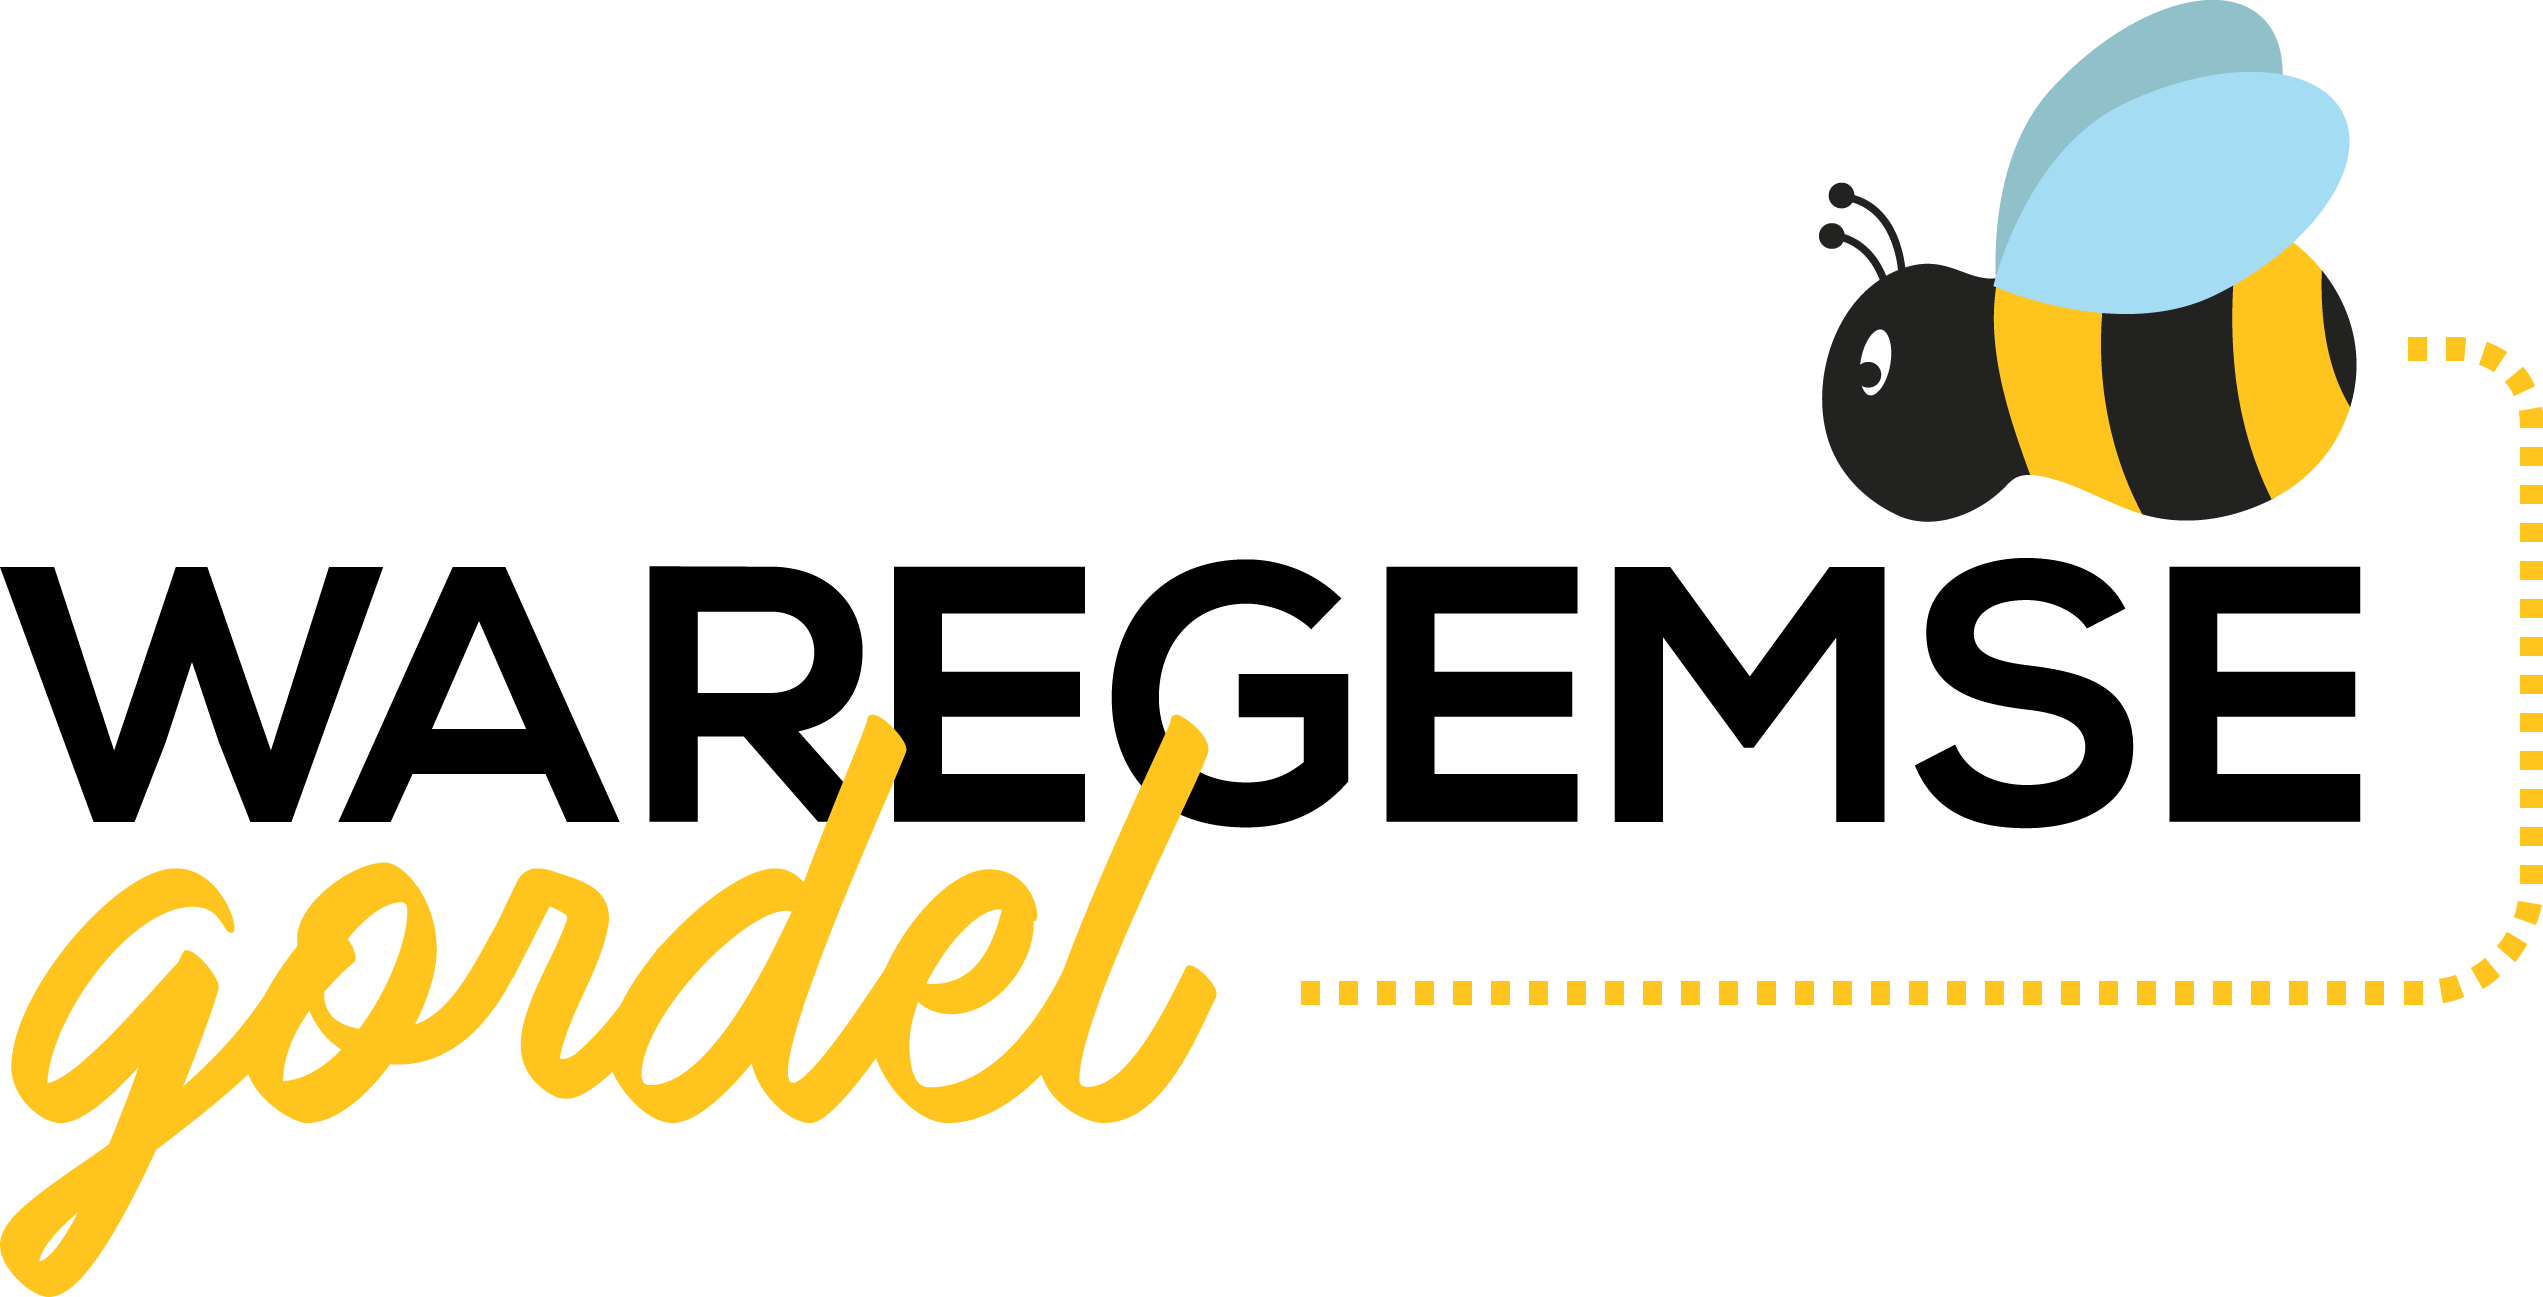 Waregemse Gordel